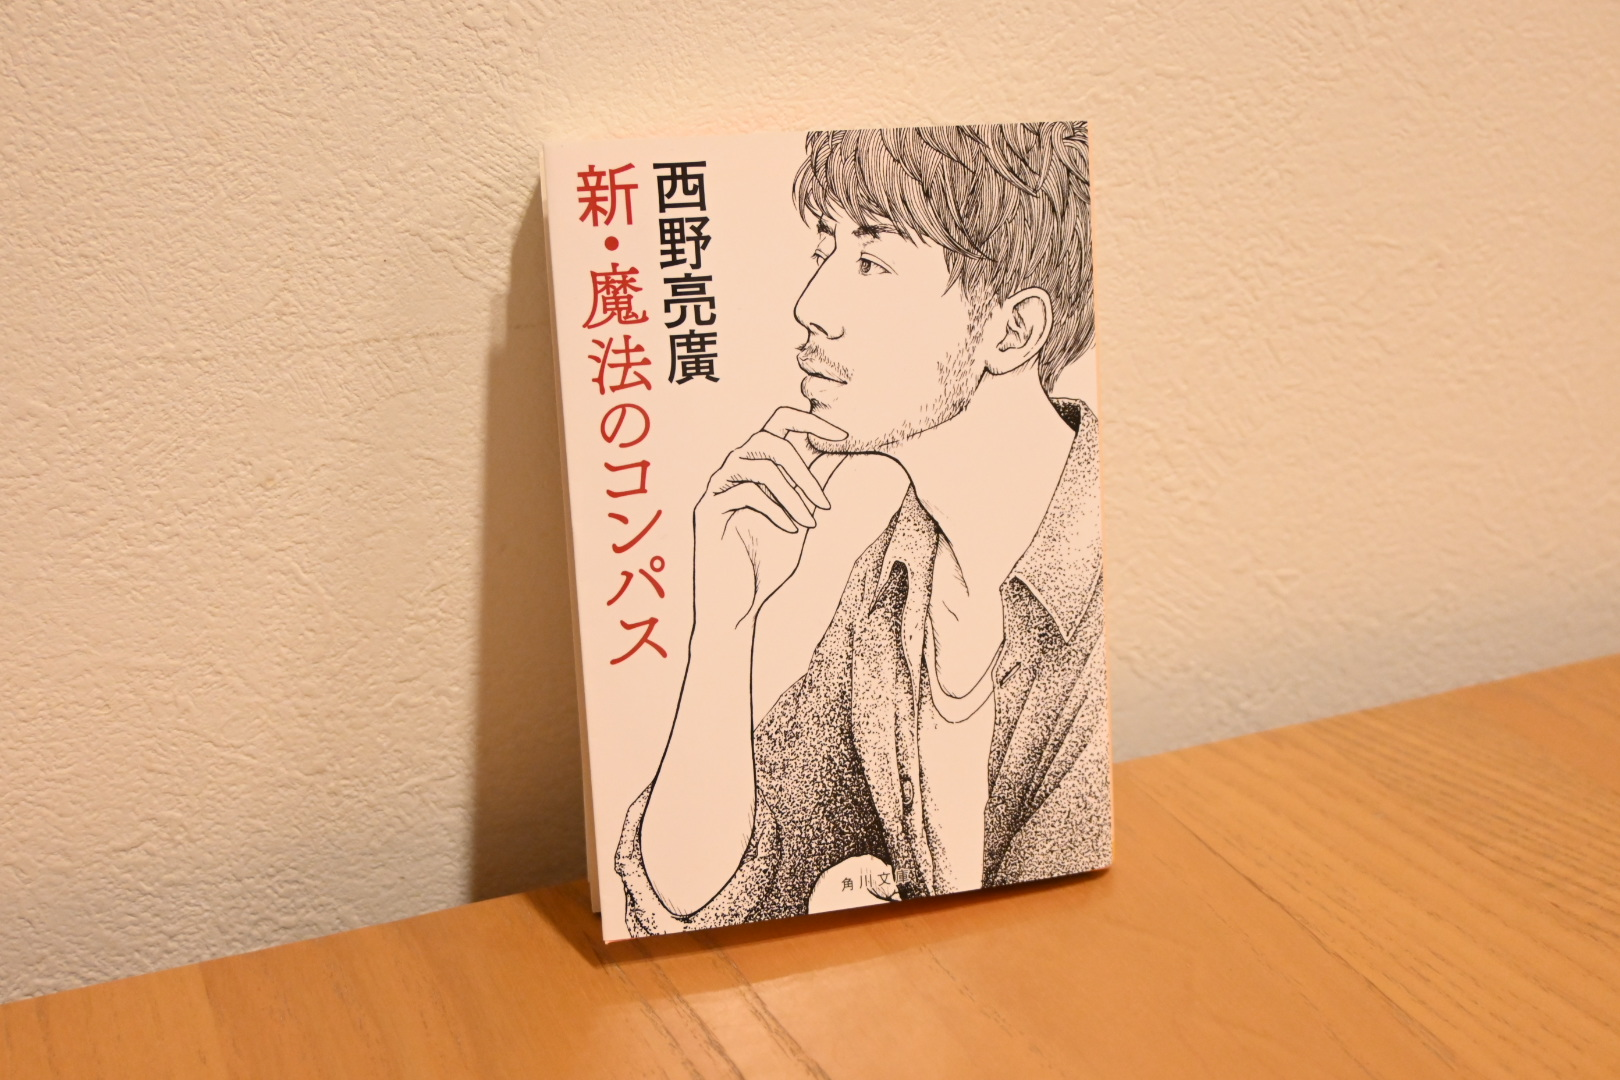 Nishino-akihiro-shin-mahouno-compass-book-review-1